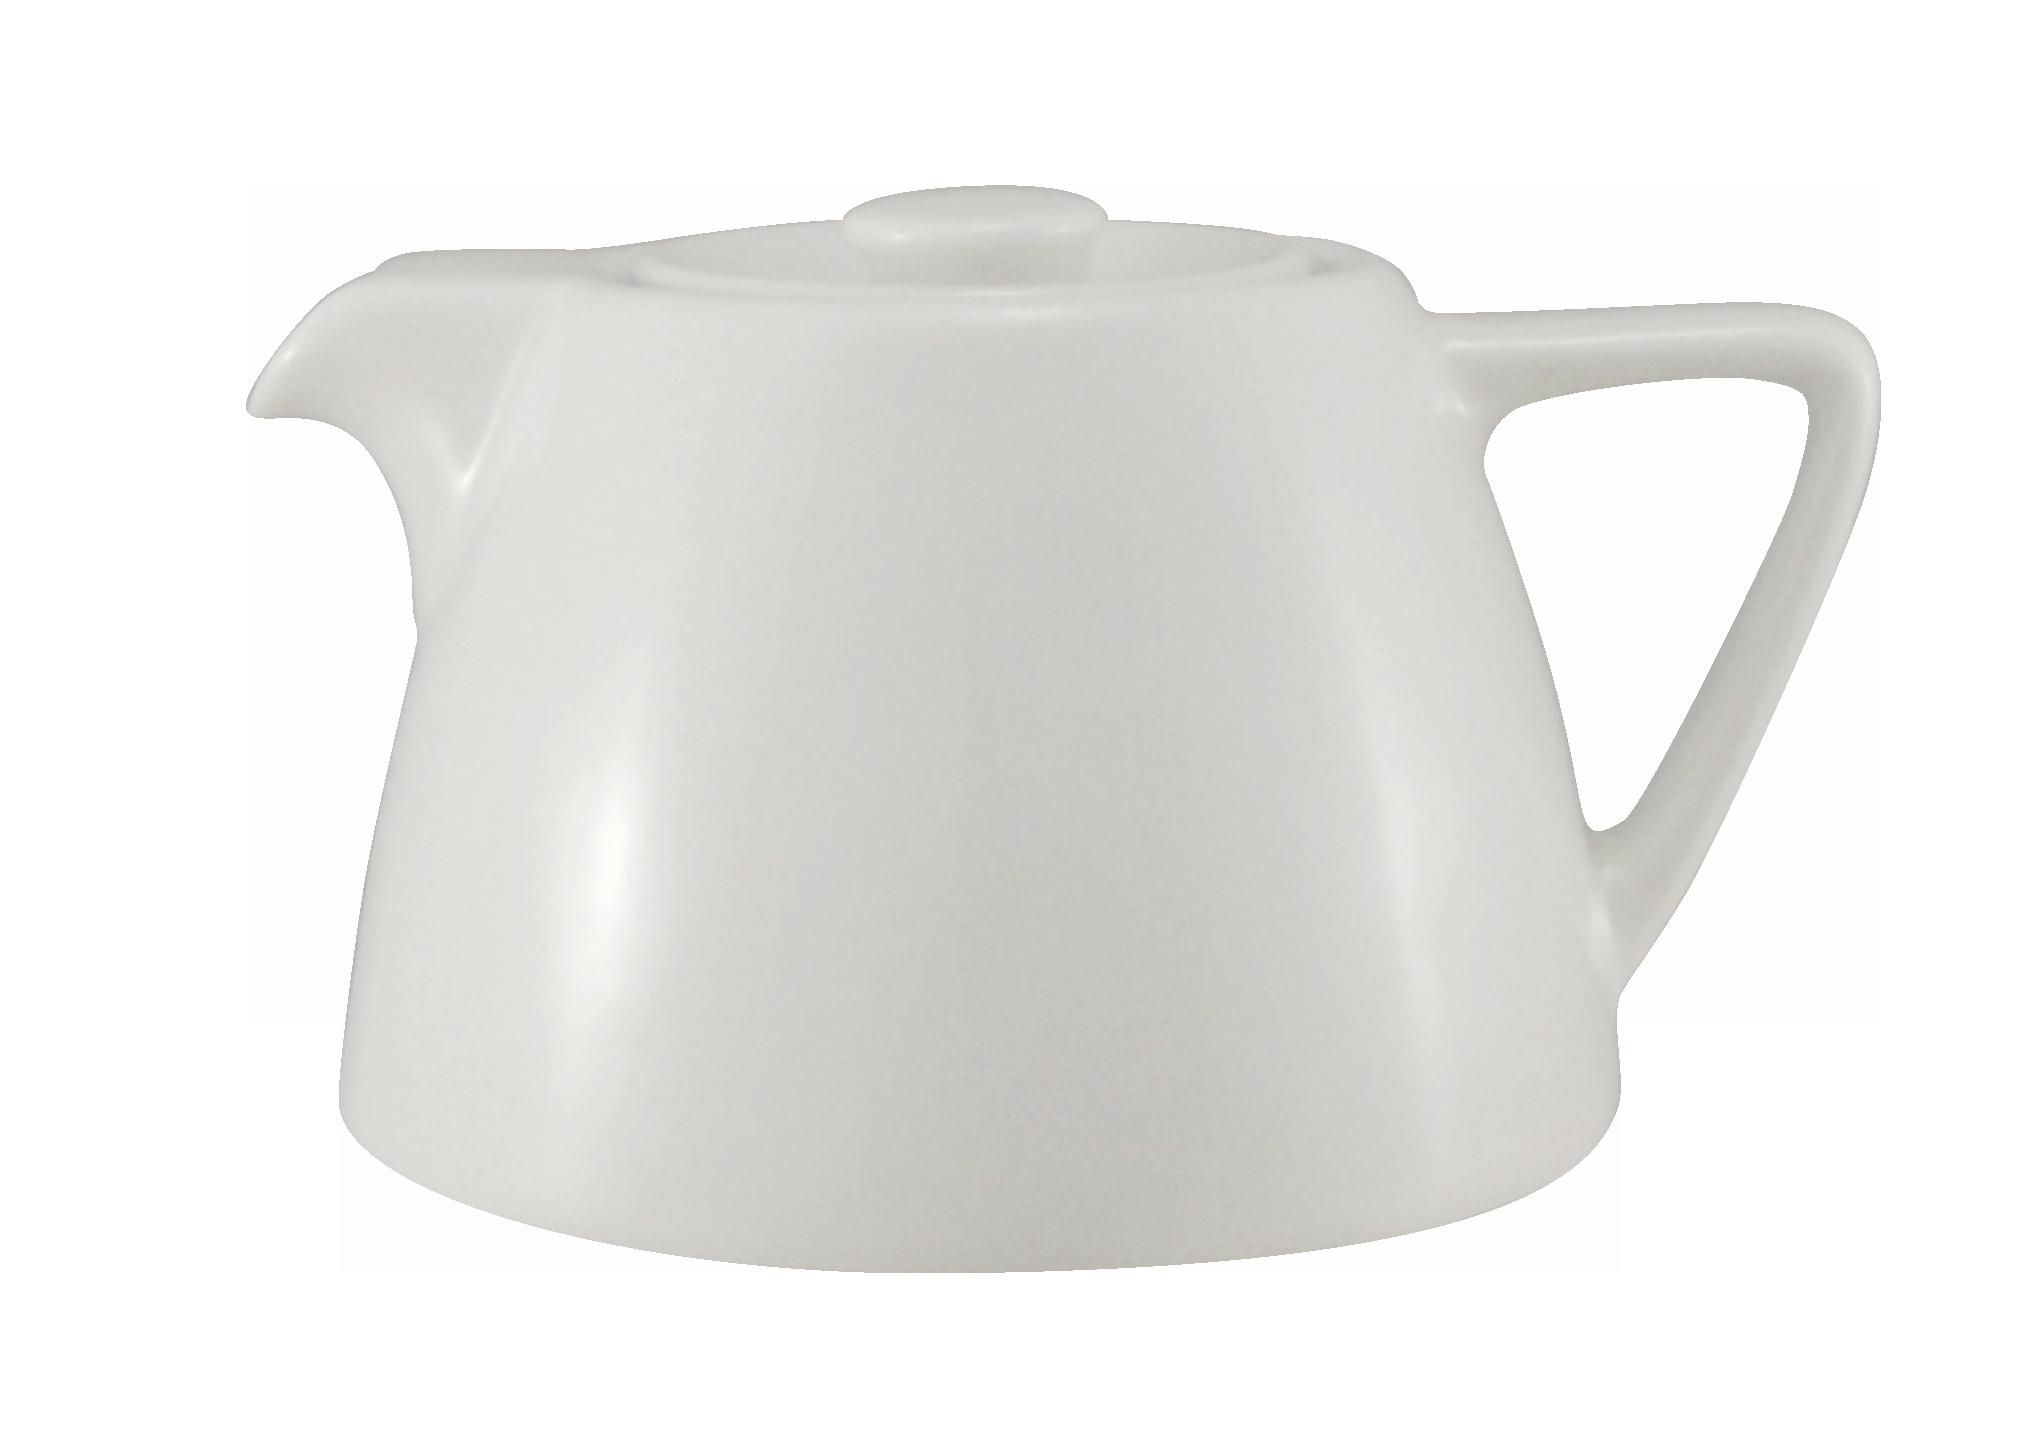 Conic Tea Pots